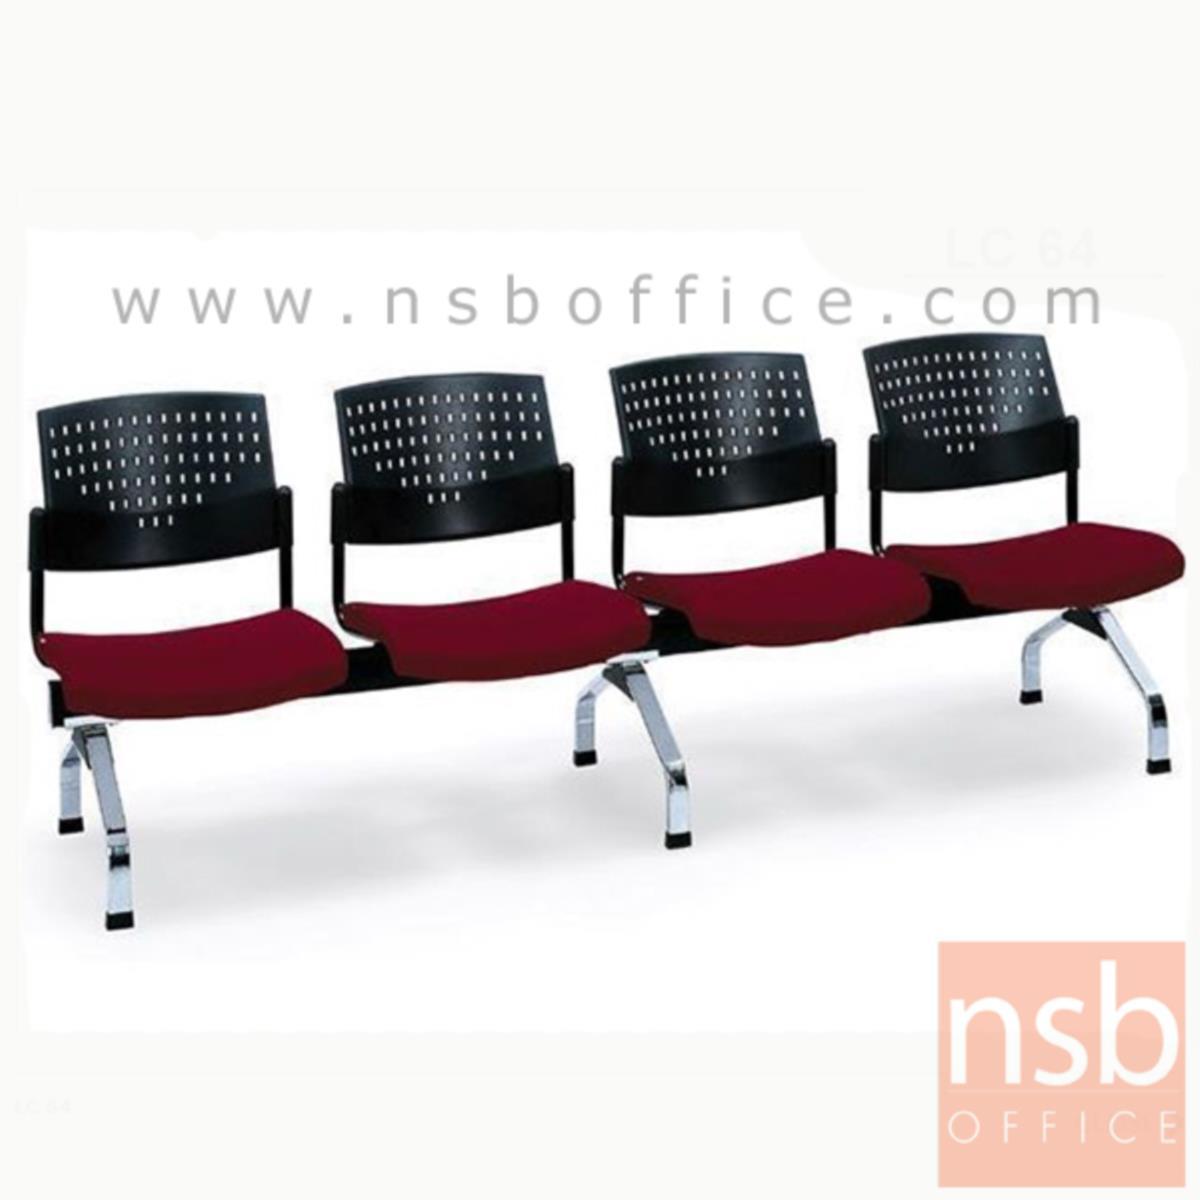 เก้าอี้นั่งคอยเฟรมโพลี่หุ้มเบาะ รุ่น Simca (ซิมคา) 3 ,4 ที่นั่ง ขนาด 160W ,214W cm. ขาเหล็ก